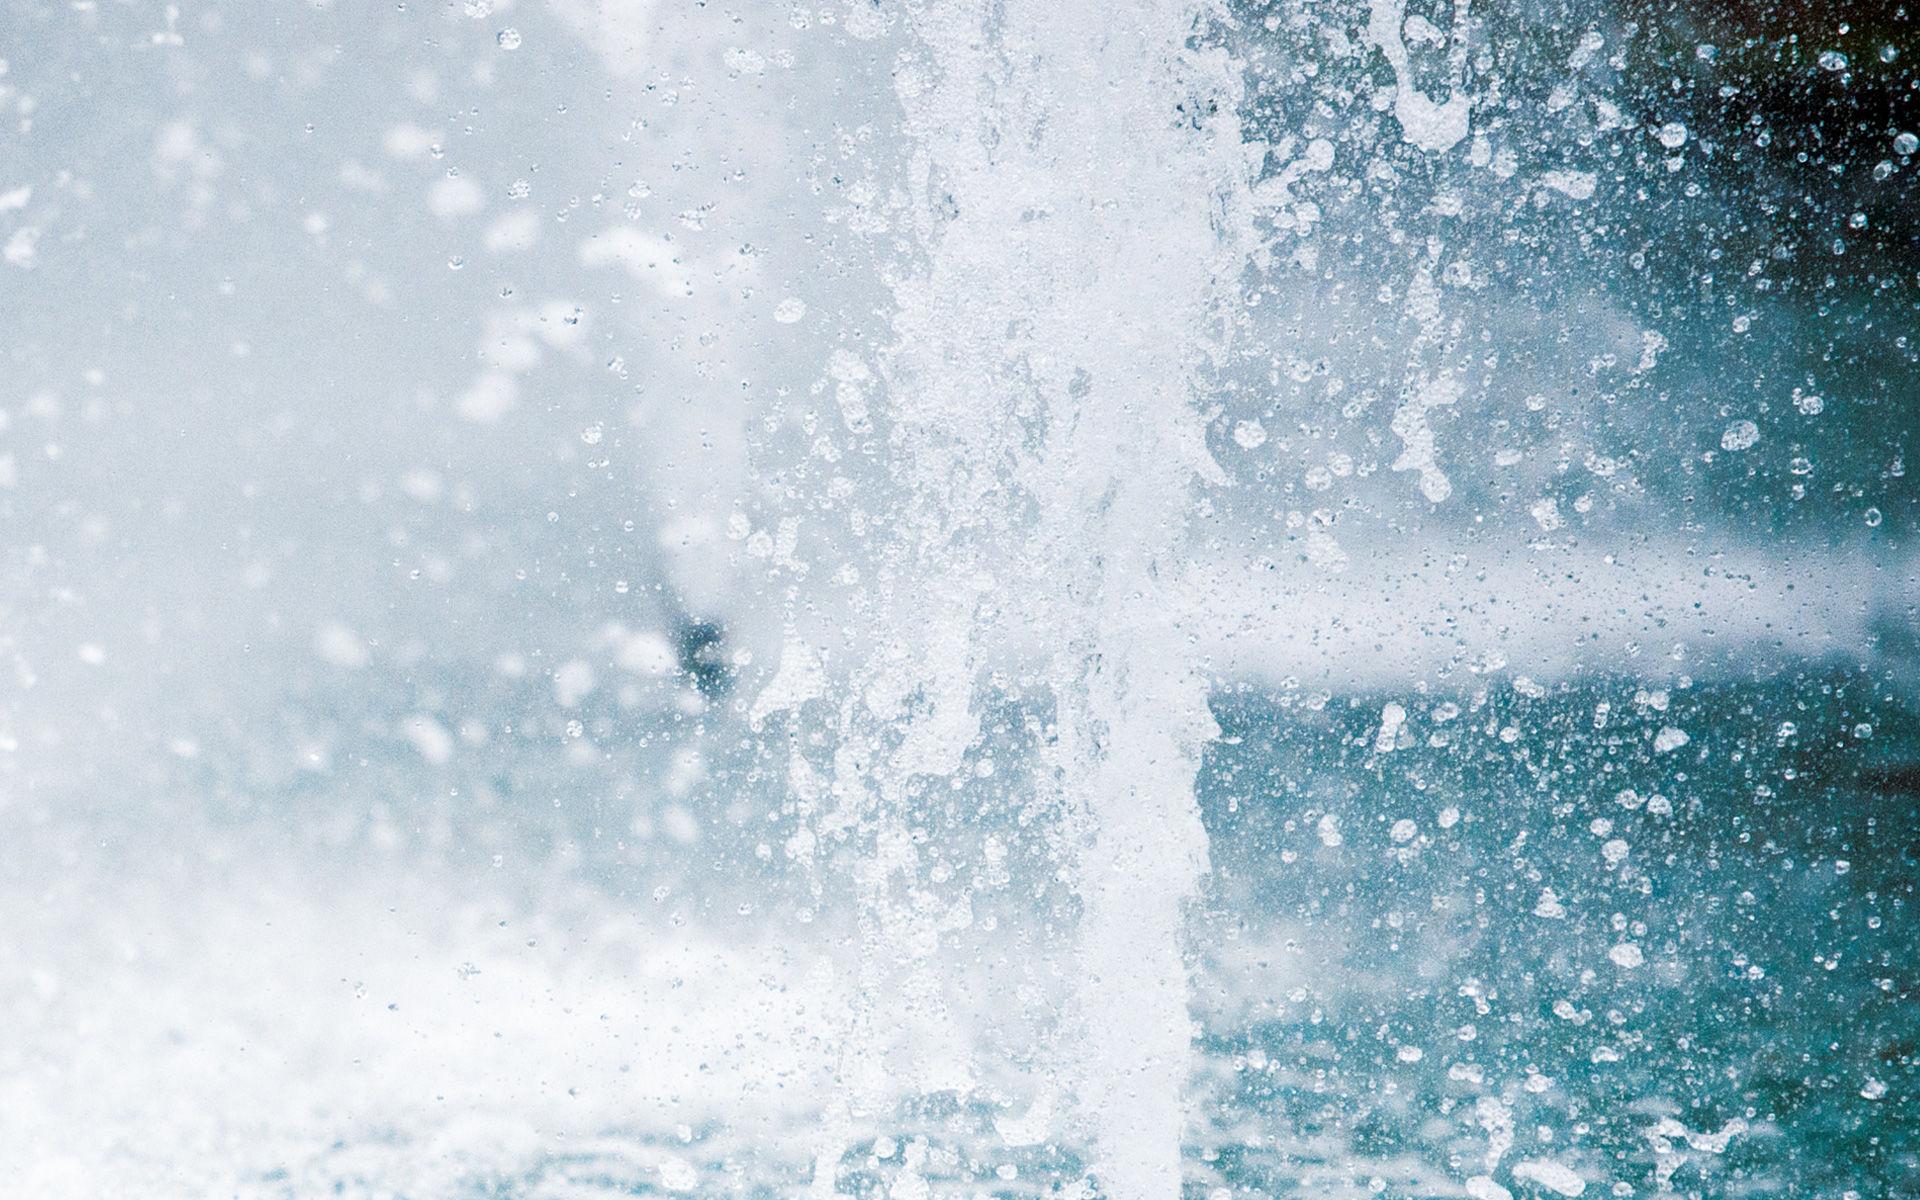 Foto von sprudelndem Wasser